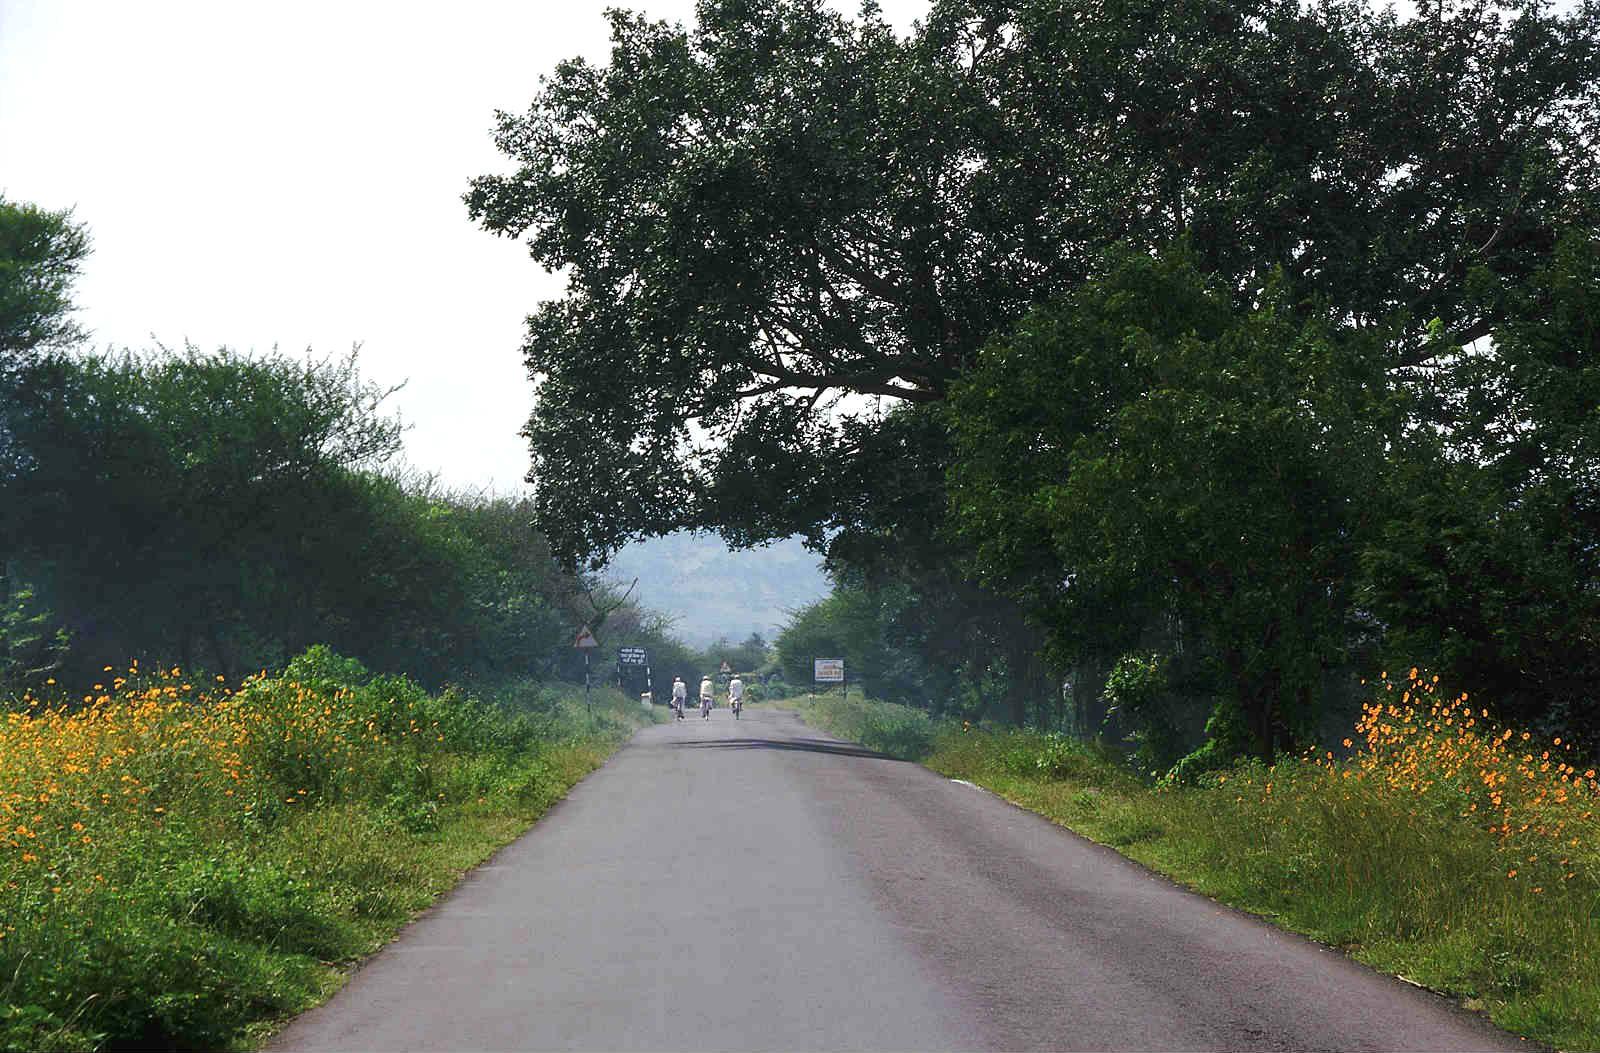 Pune-Sinhagad route